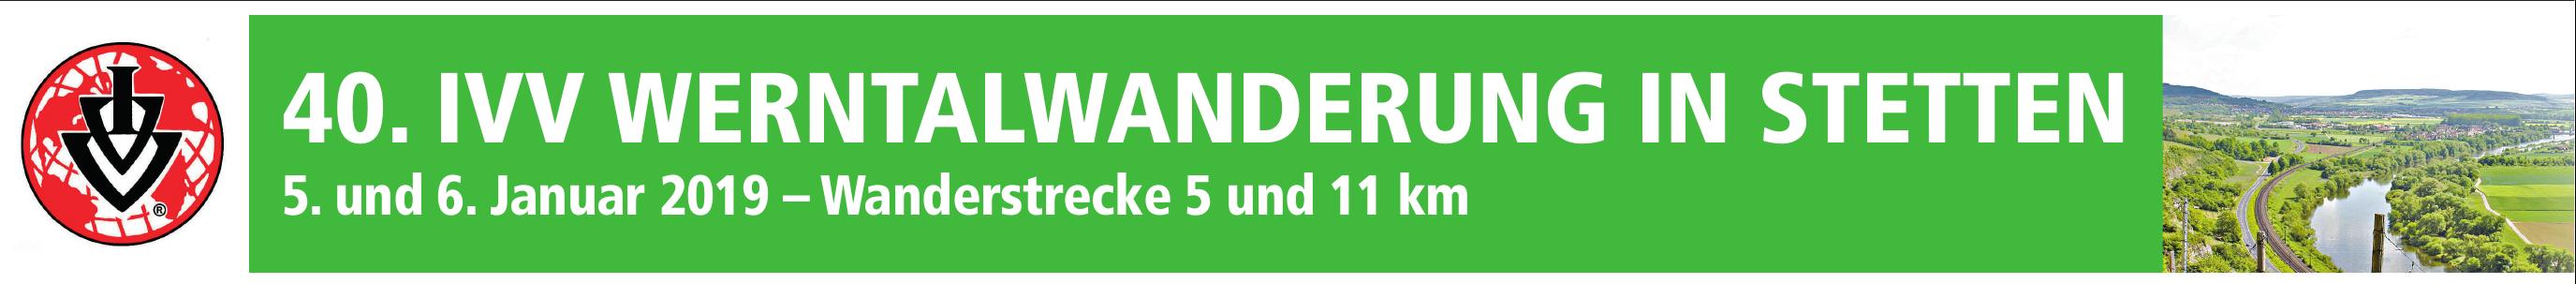 40. IVV Werntalwanderung in Stetten Image 1